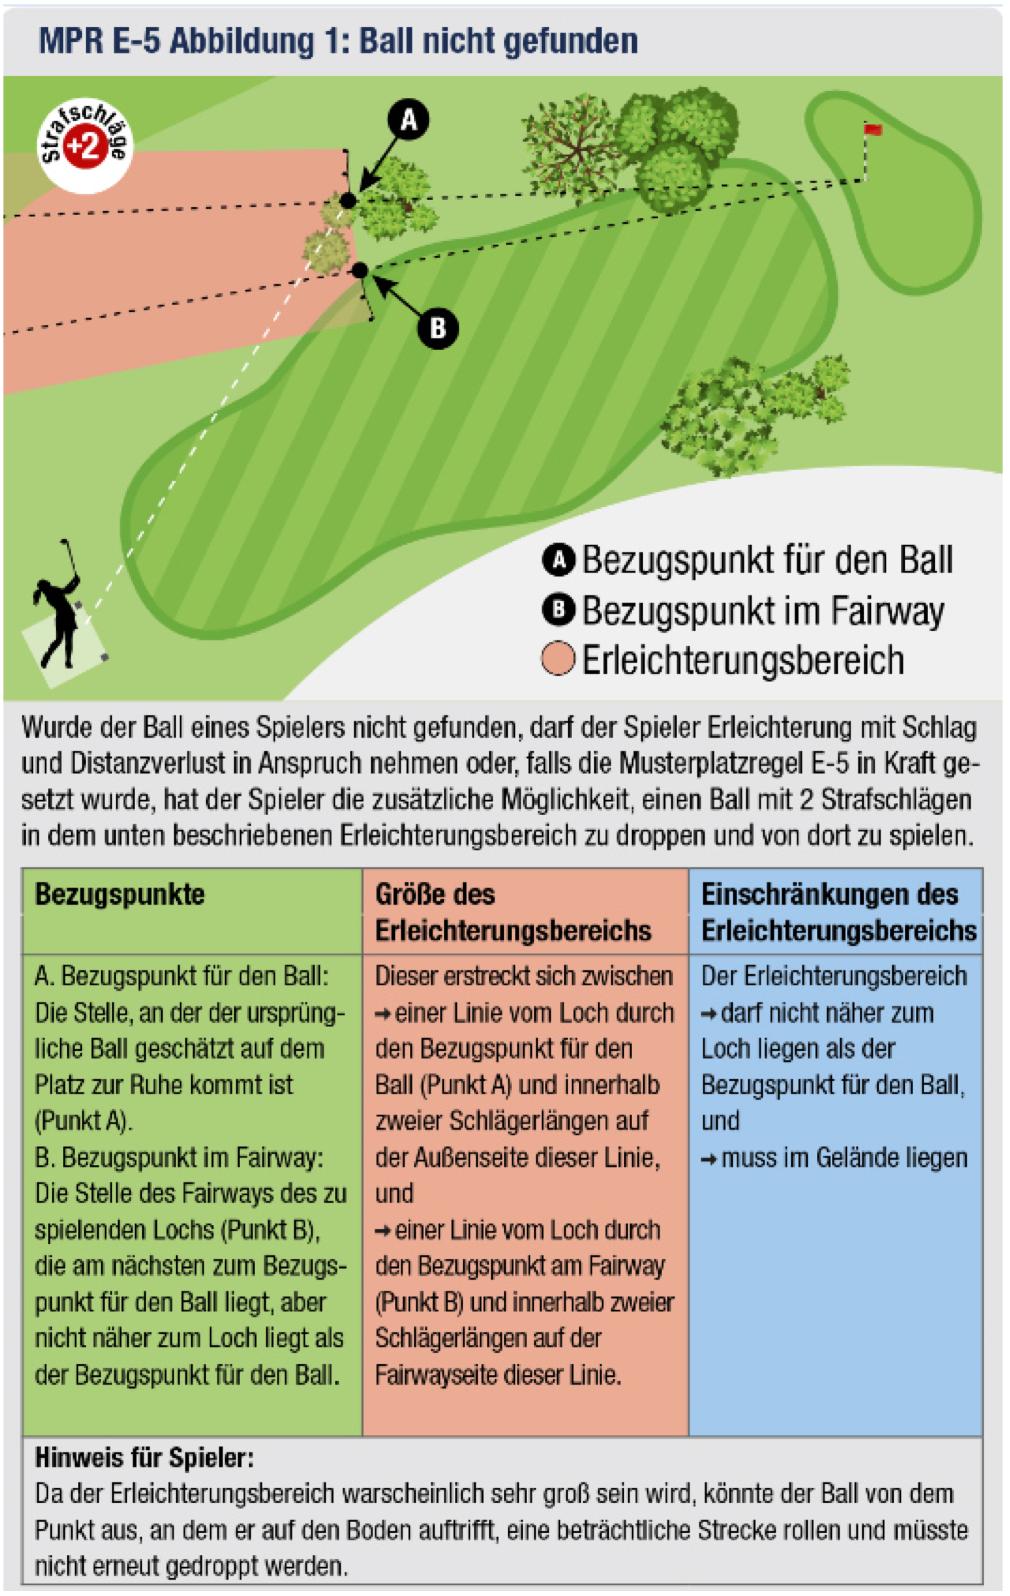 Ball nicht gefunden - Alternative zu Schlag und Distanzverlust